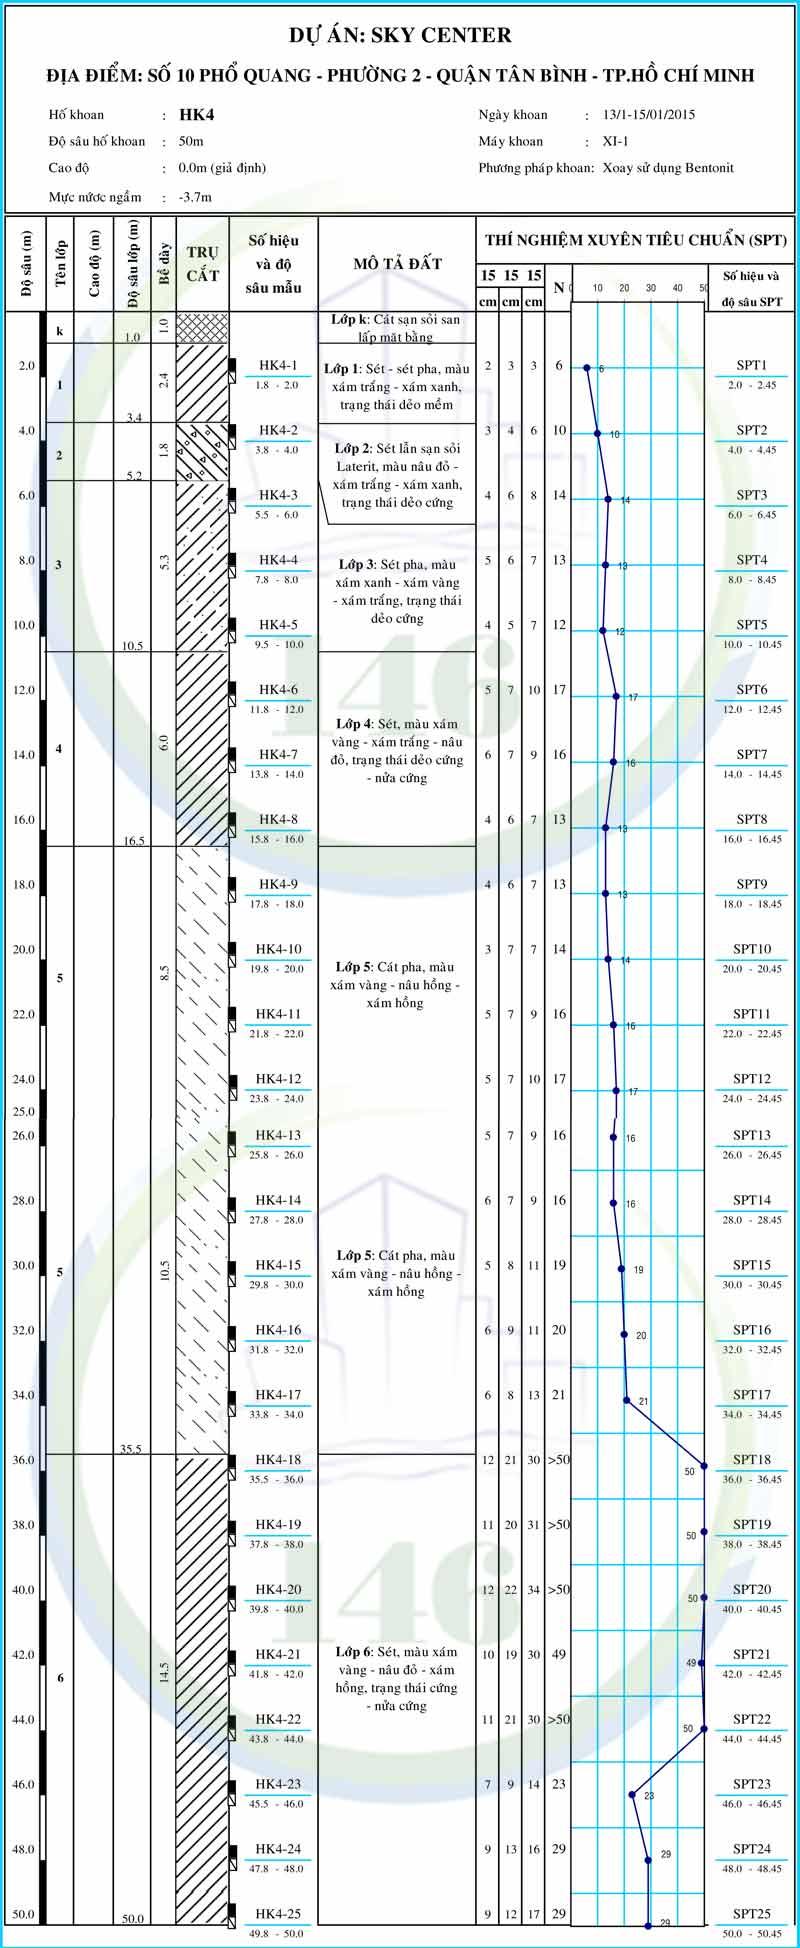 Hình trụ địa chất Sky Center quận tân bình diachat146